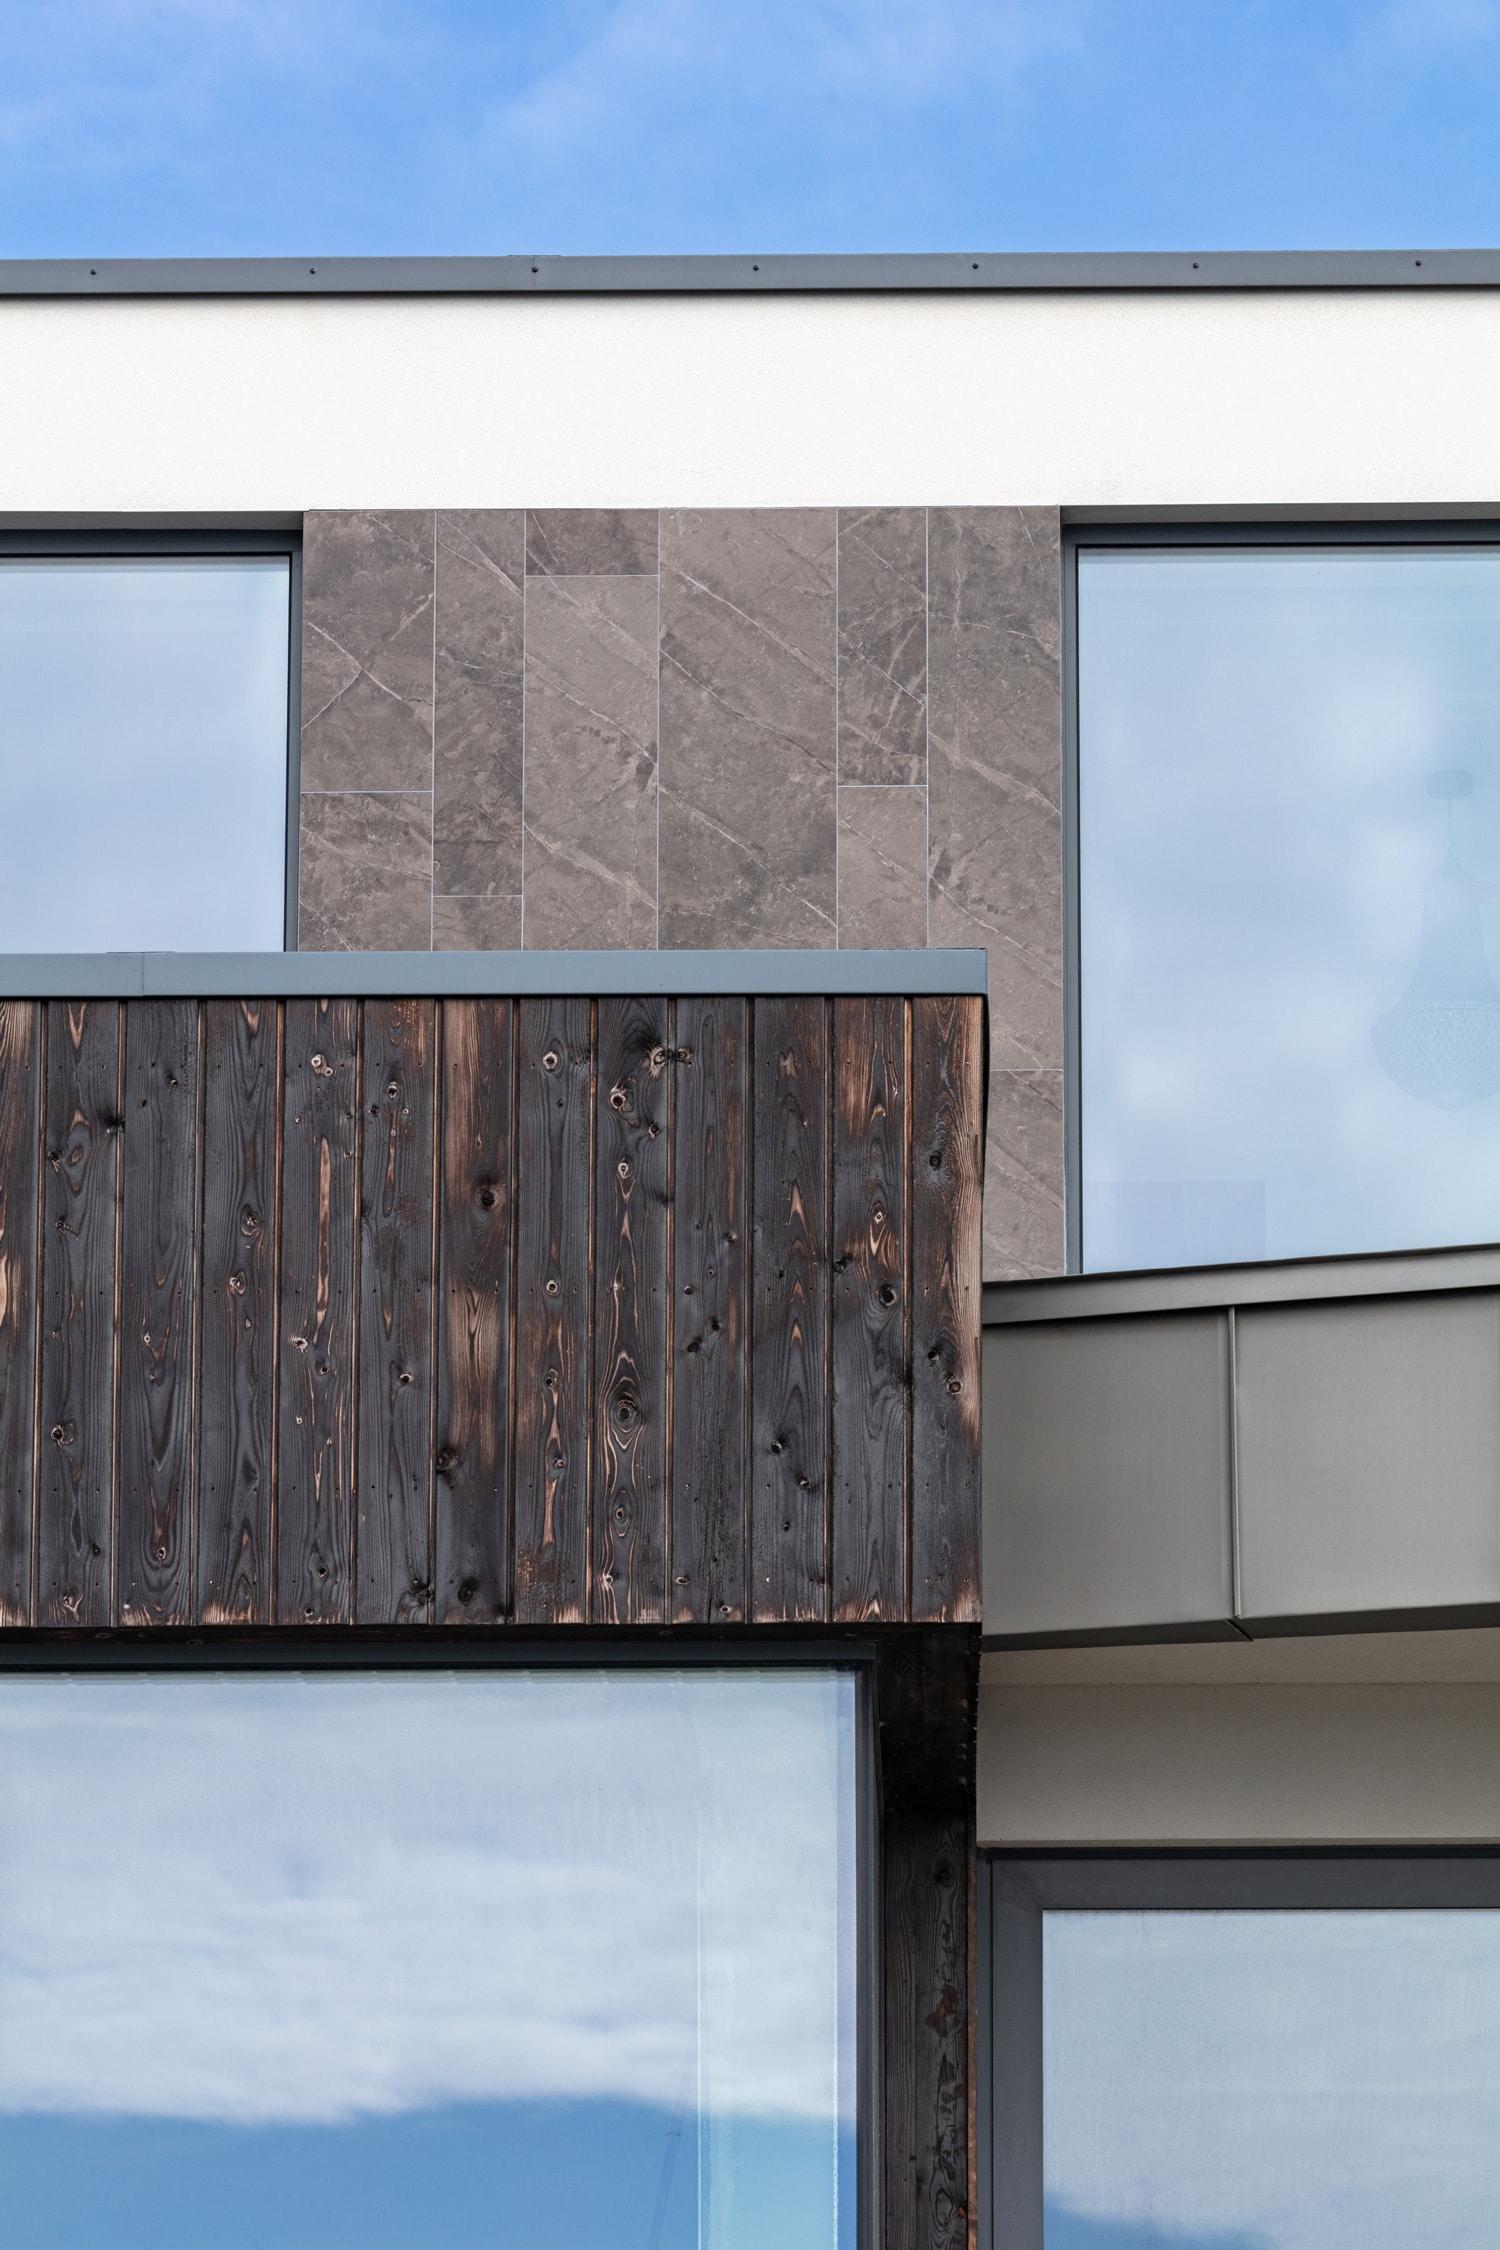 Cork Residential  - Cork residential facade 12 73